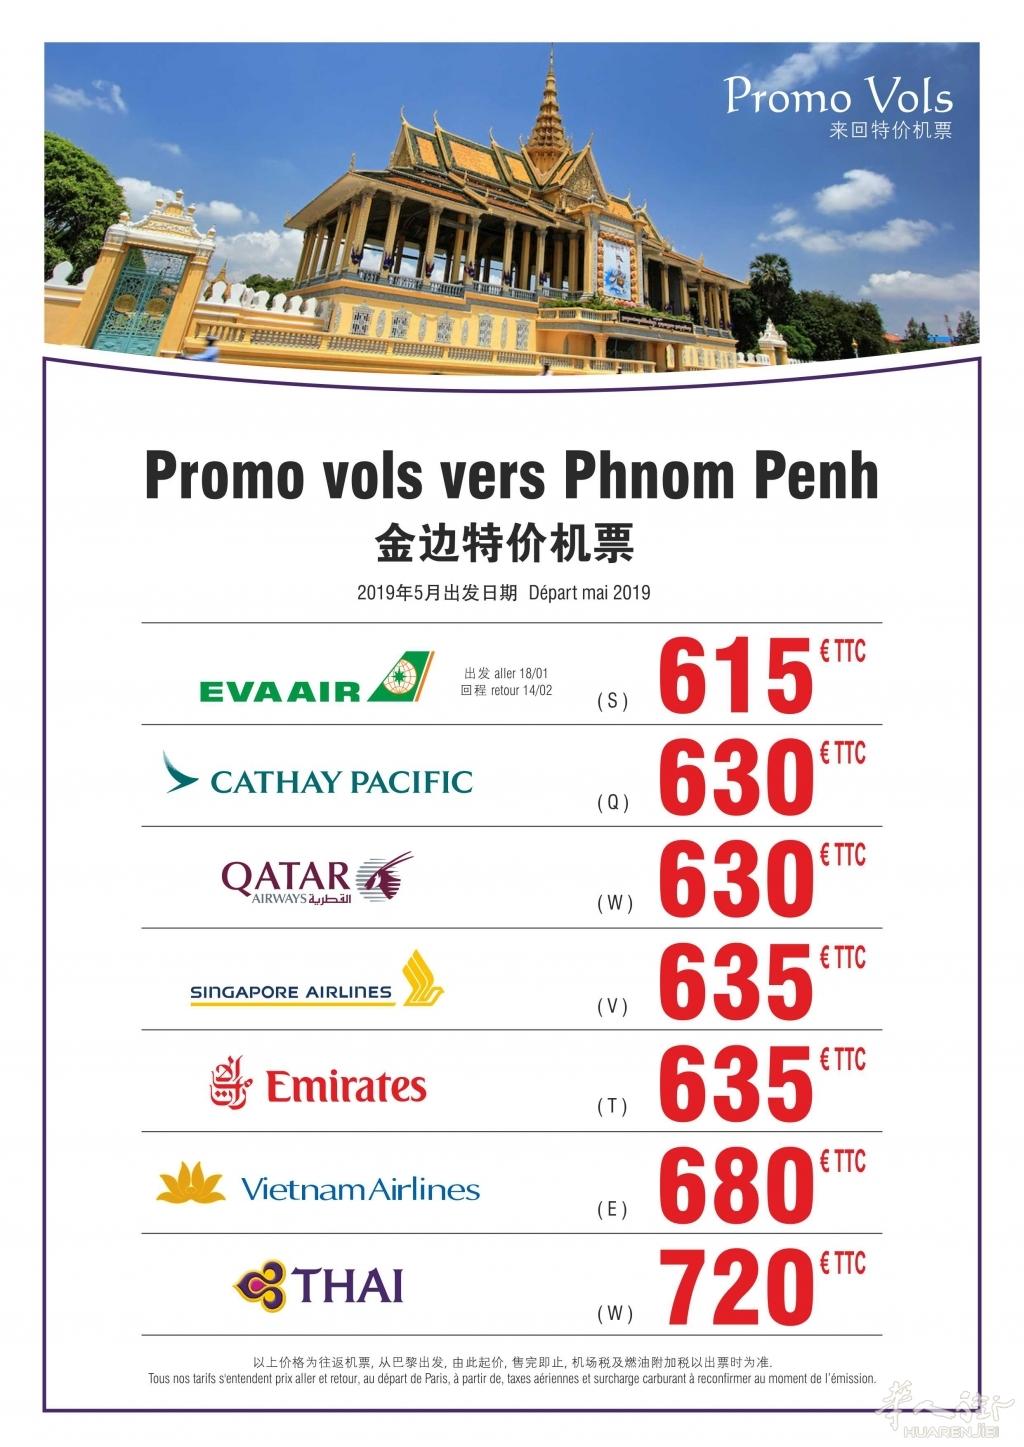 aff vol phnom penh-17-12-2018-v02.jpg